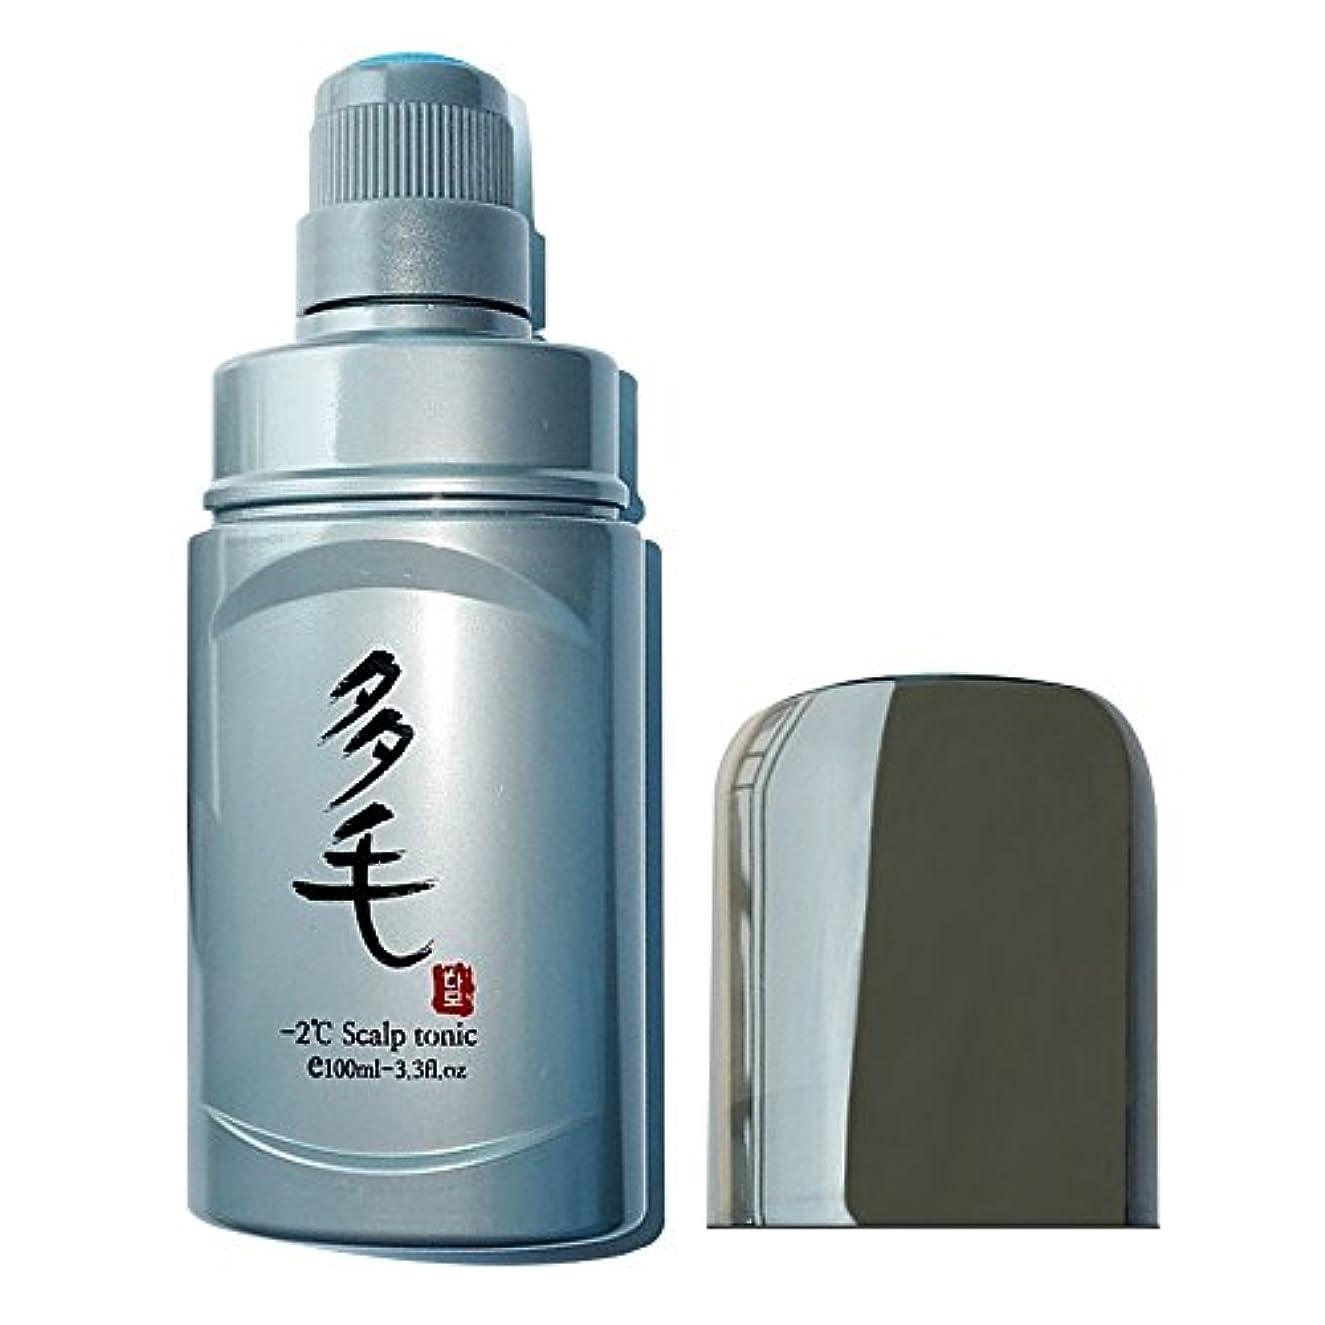 繁栄崇拝する送料ヘアロス プリベンションand さいせい フィーバー 除去 in Scalp 100ml スカルプケア Sponge Applicator Bottle -2°C Scalp Tonic Liquid 並行輸入